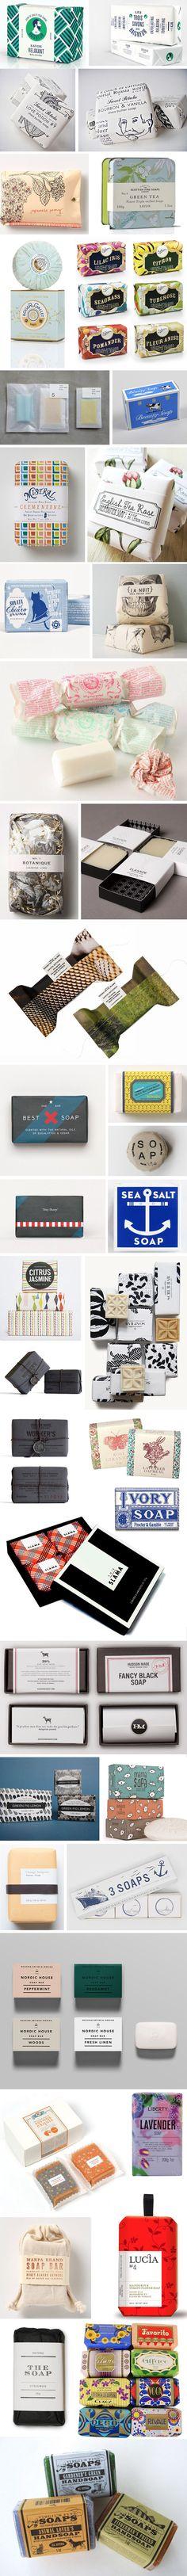 Lovely Soaps! Förpackad -Blogg om Förpackningsdesign, Förpackningar, Grafisk Design - CAP&Design